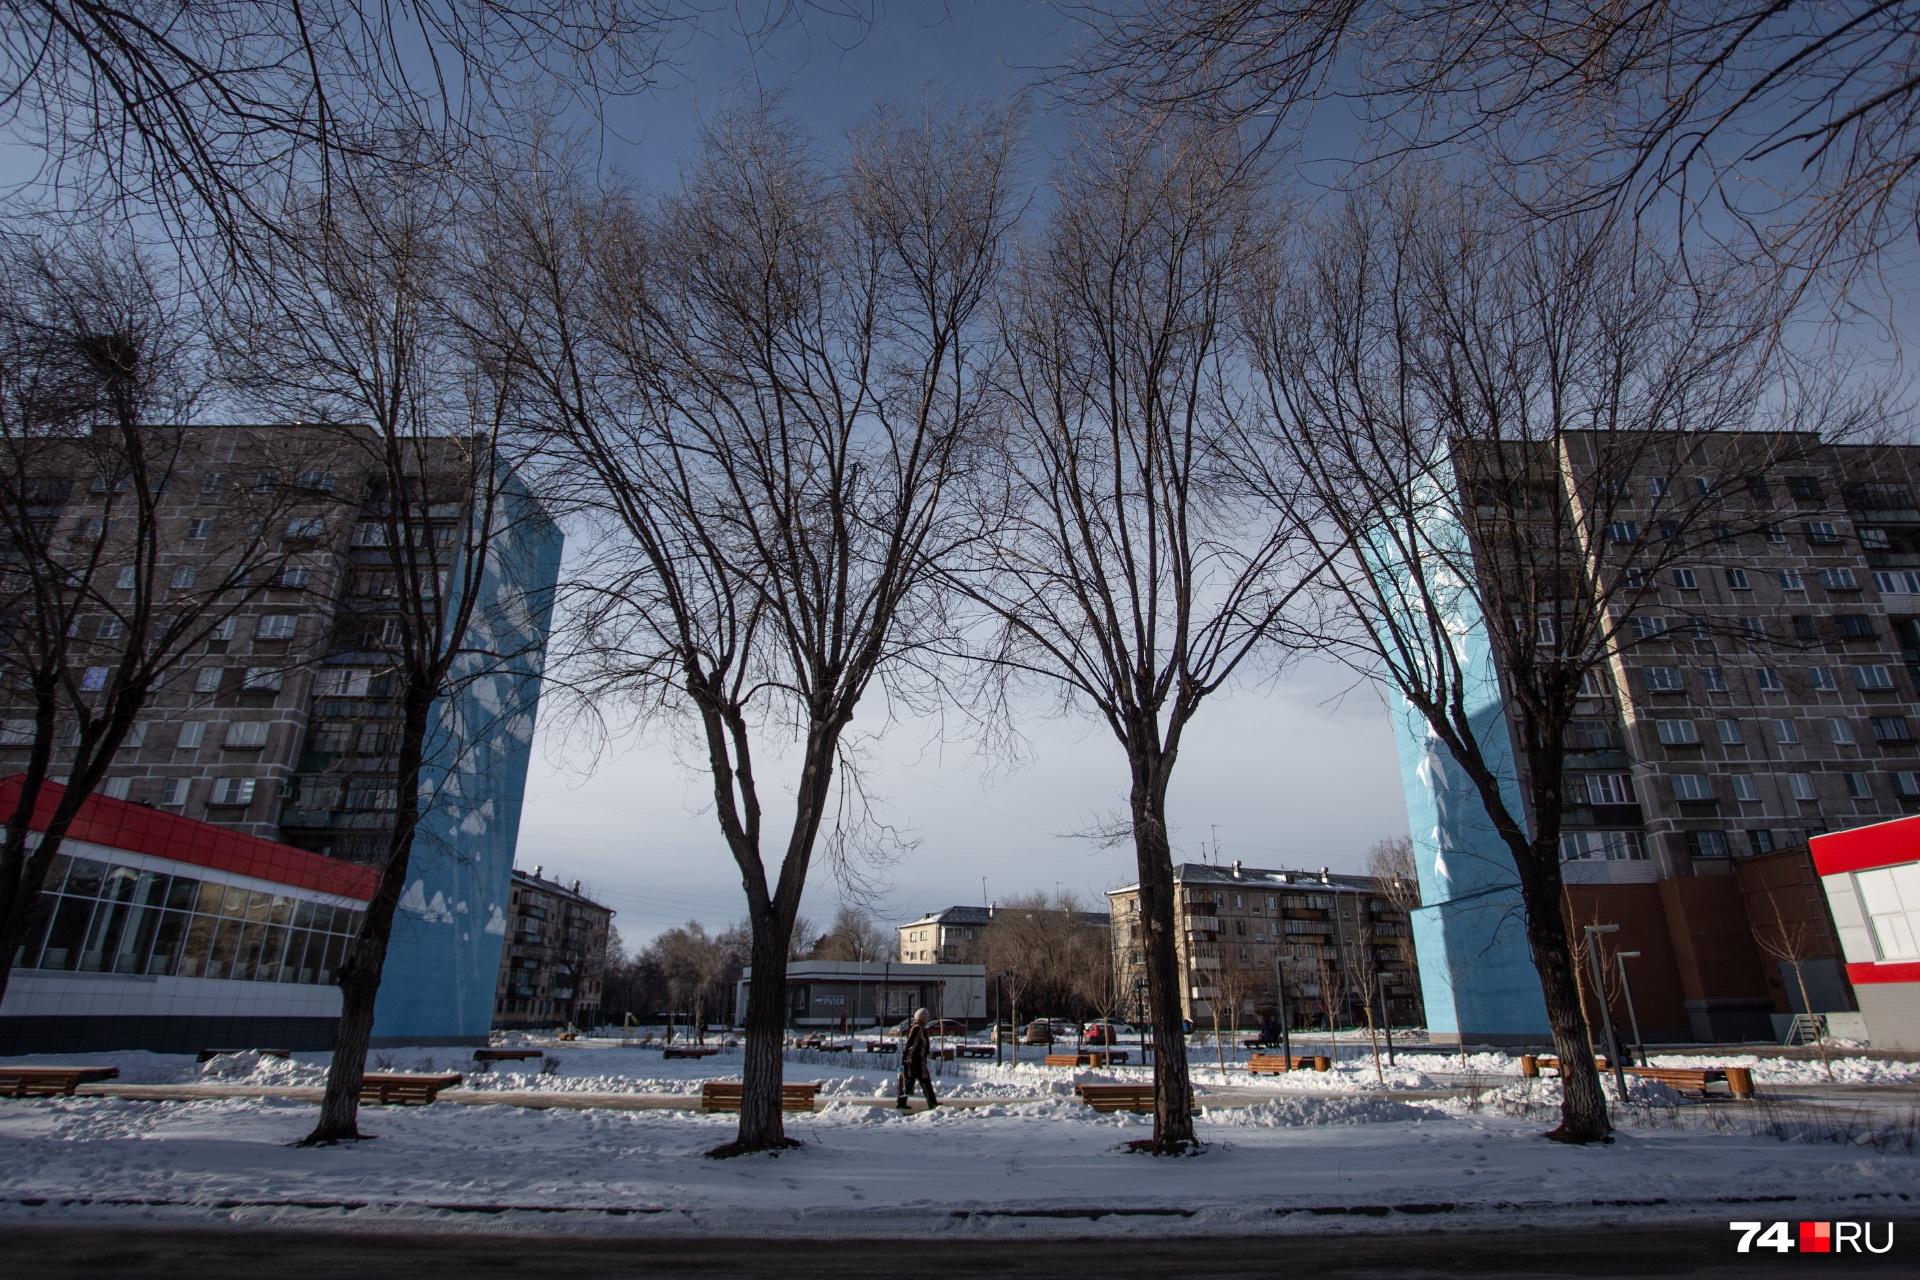 Так сейчас выглядит обрушившийся дом. О трагедии напоминают только памятные граффити на стене взорвавшейся многоэтажки — 39 птиц из оригами